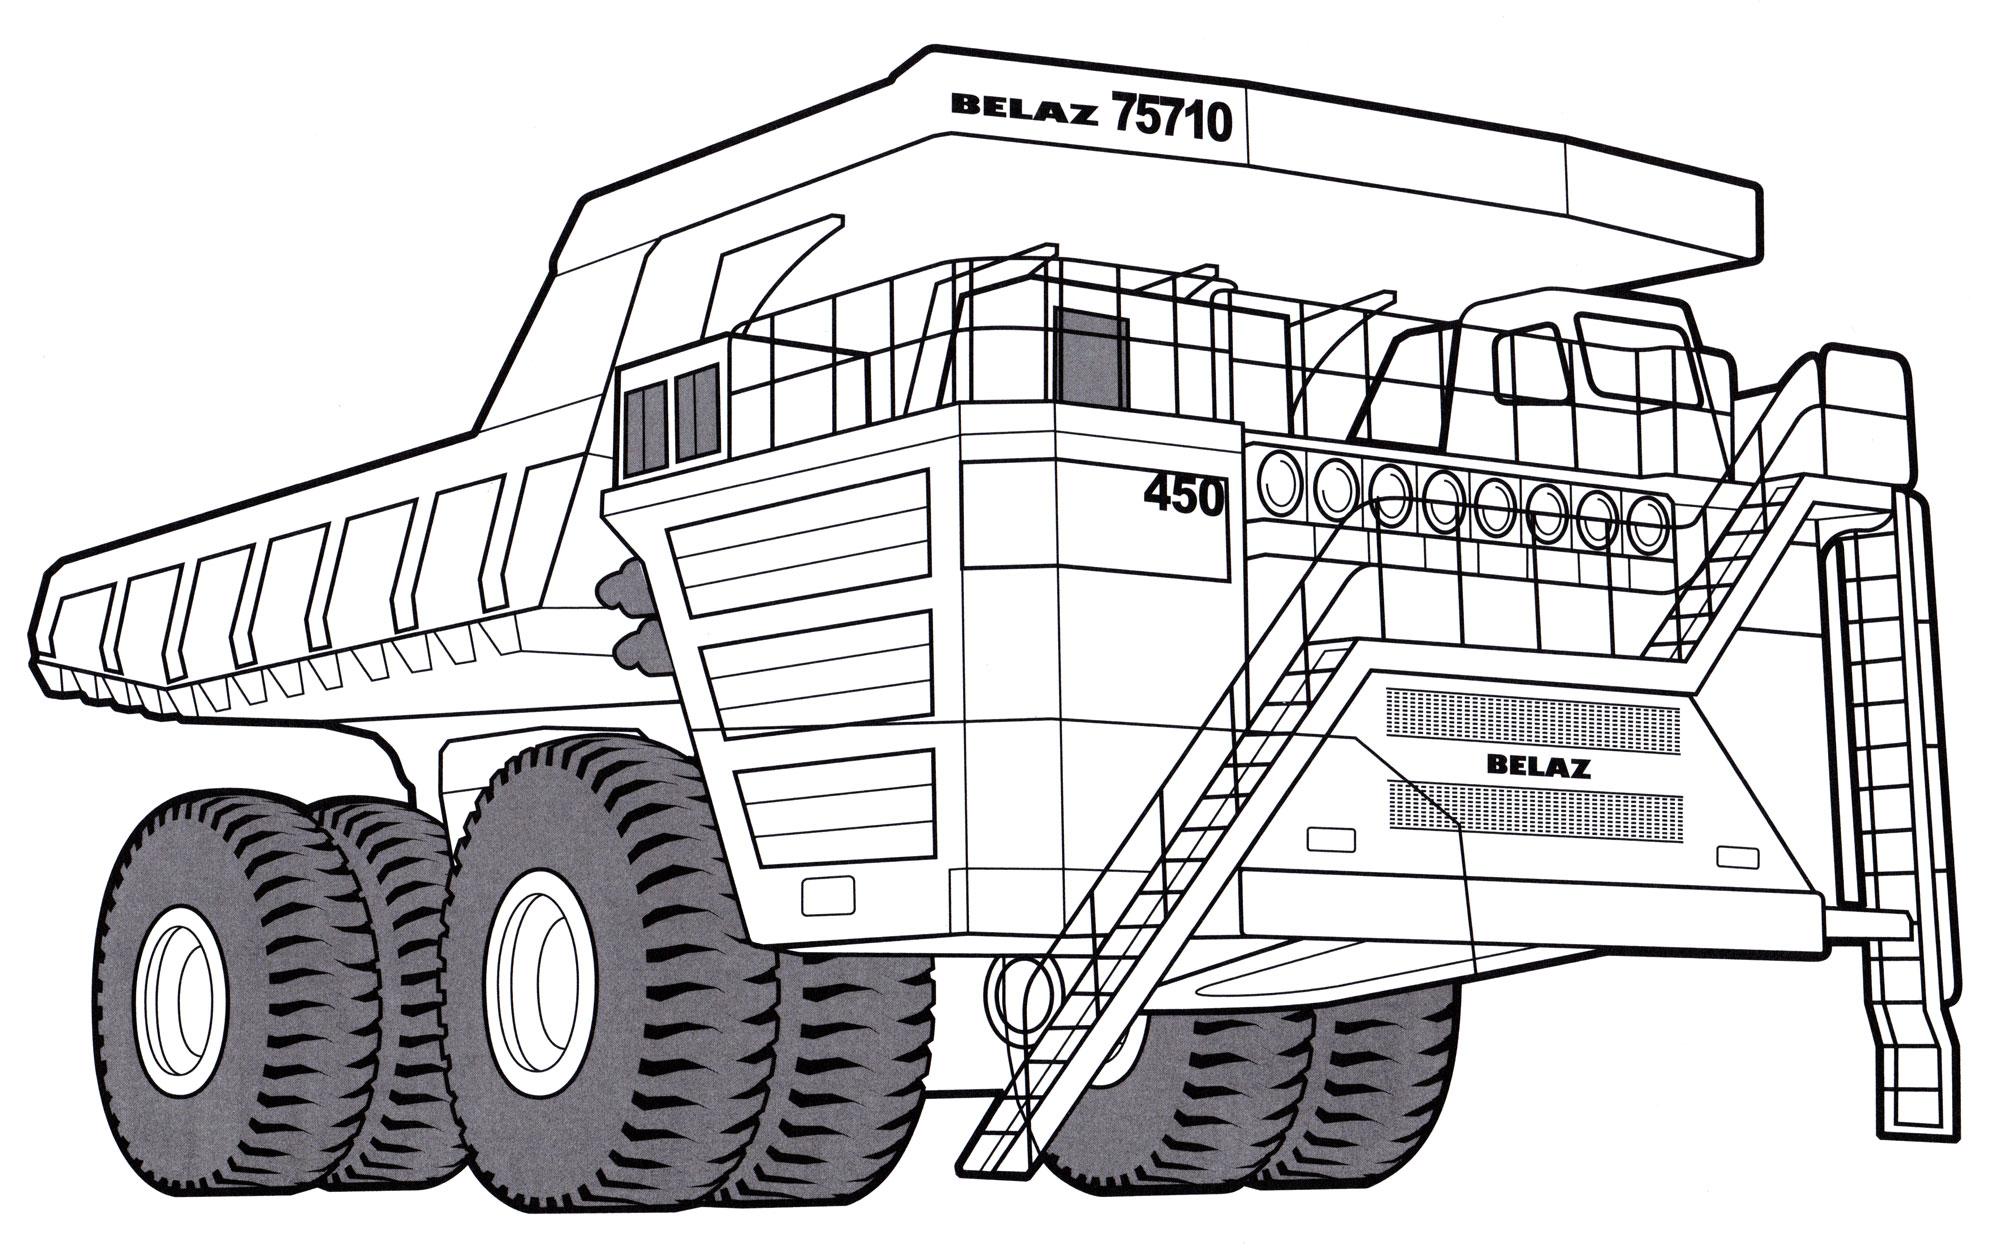 Раскраска БелАЗ-75710 | Раскраски Грузовики